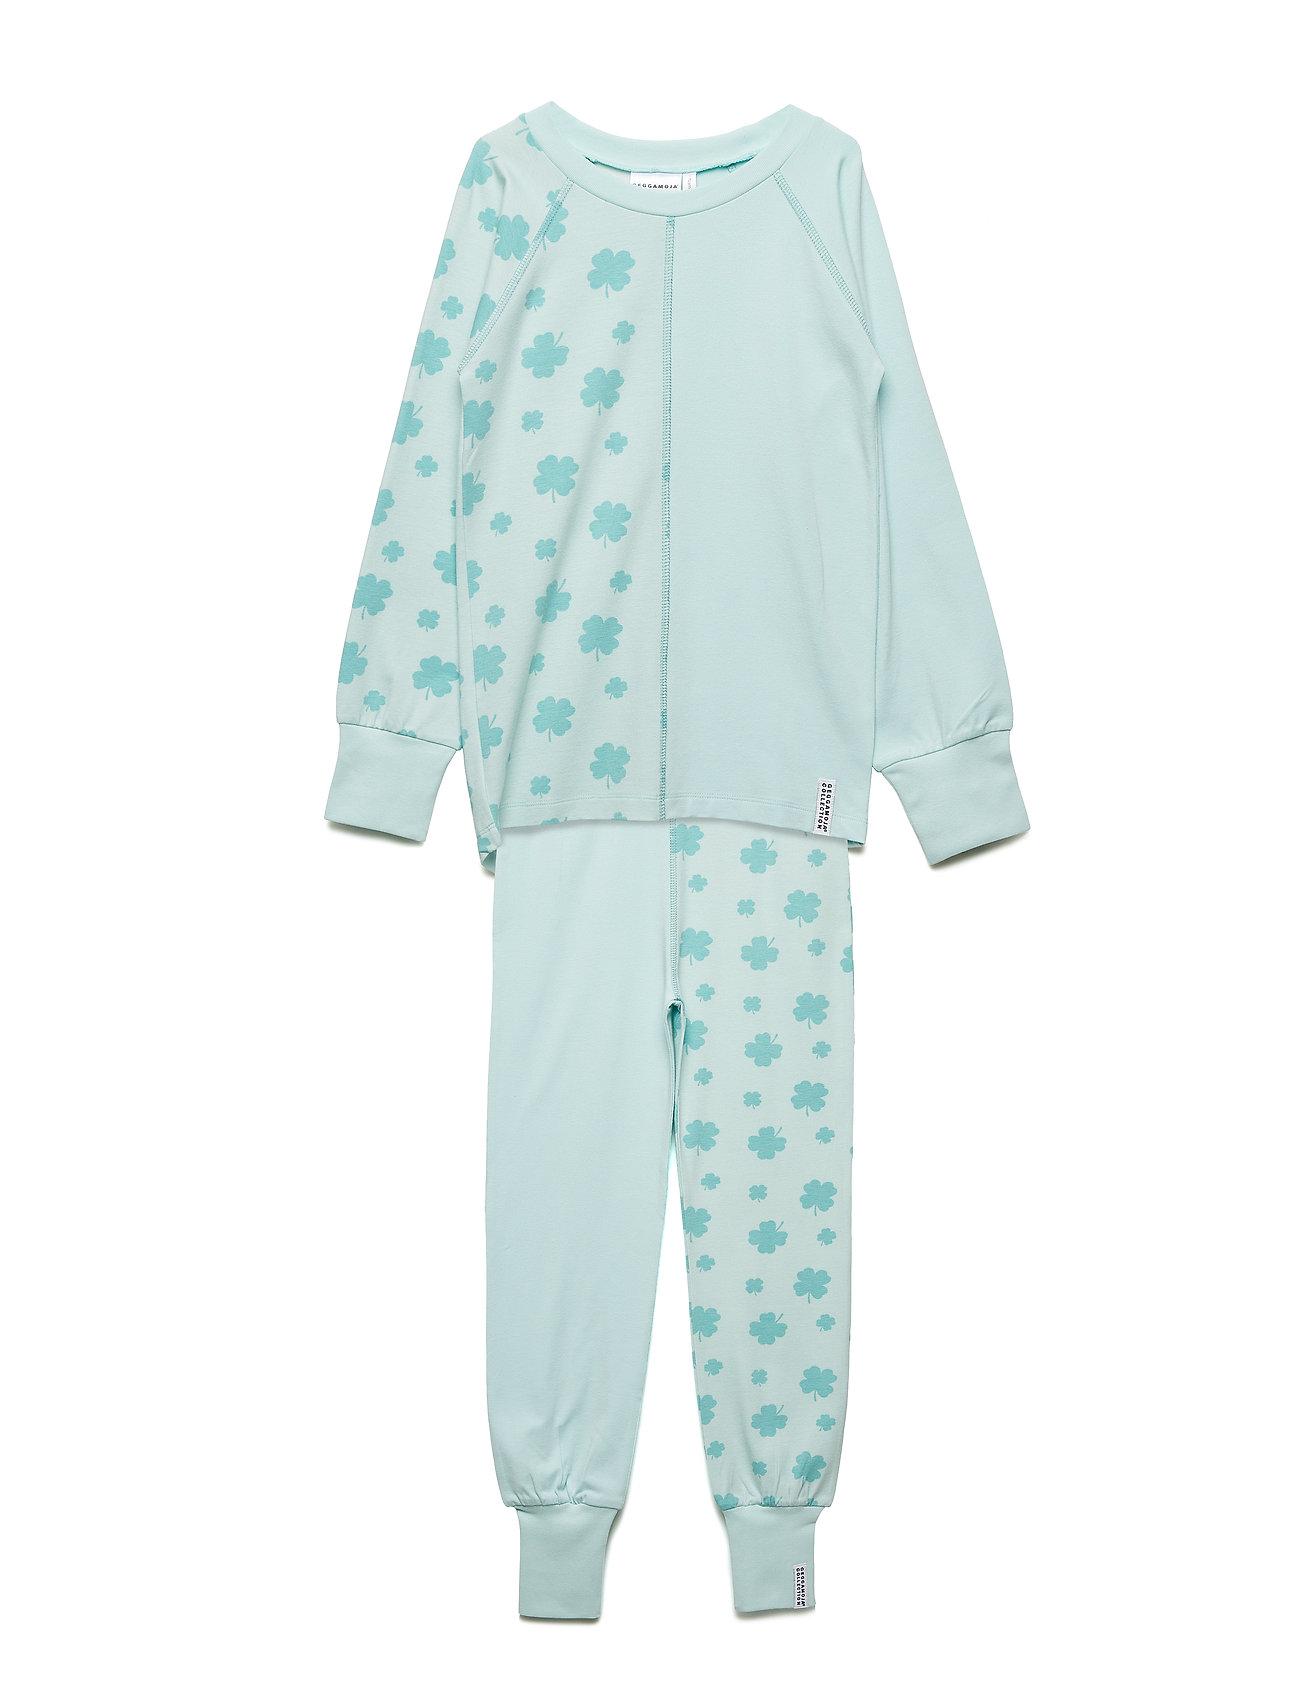 Image of Two Piece Pyjamas (3123579007)